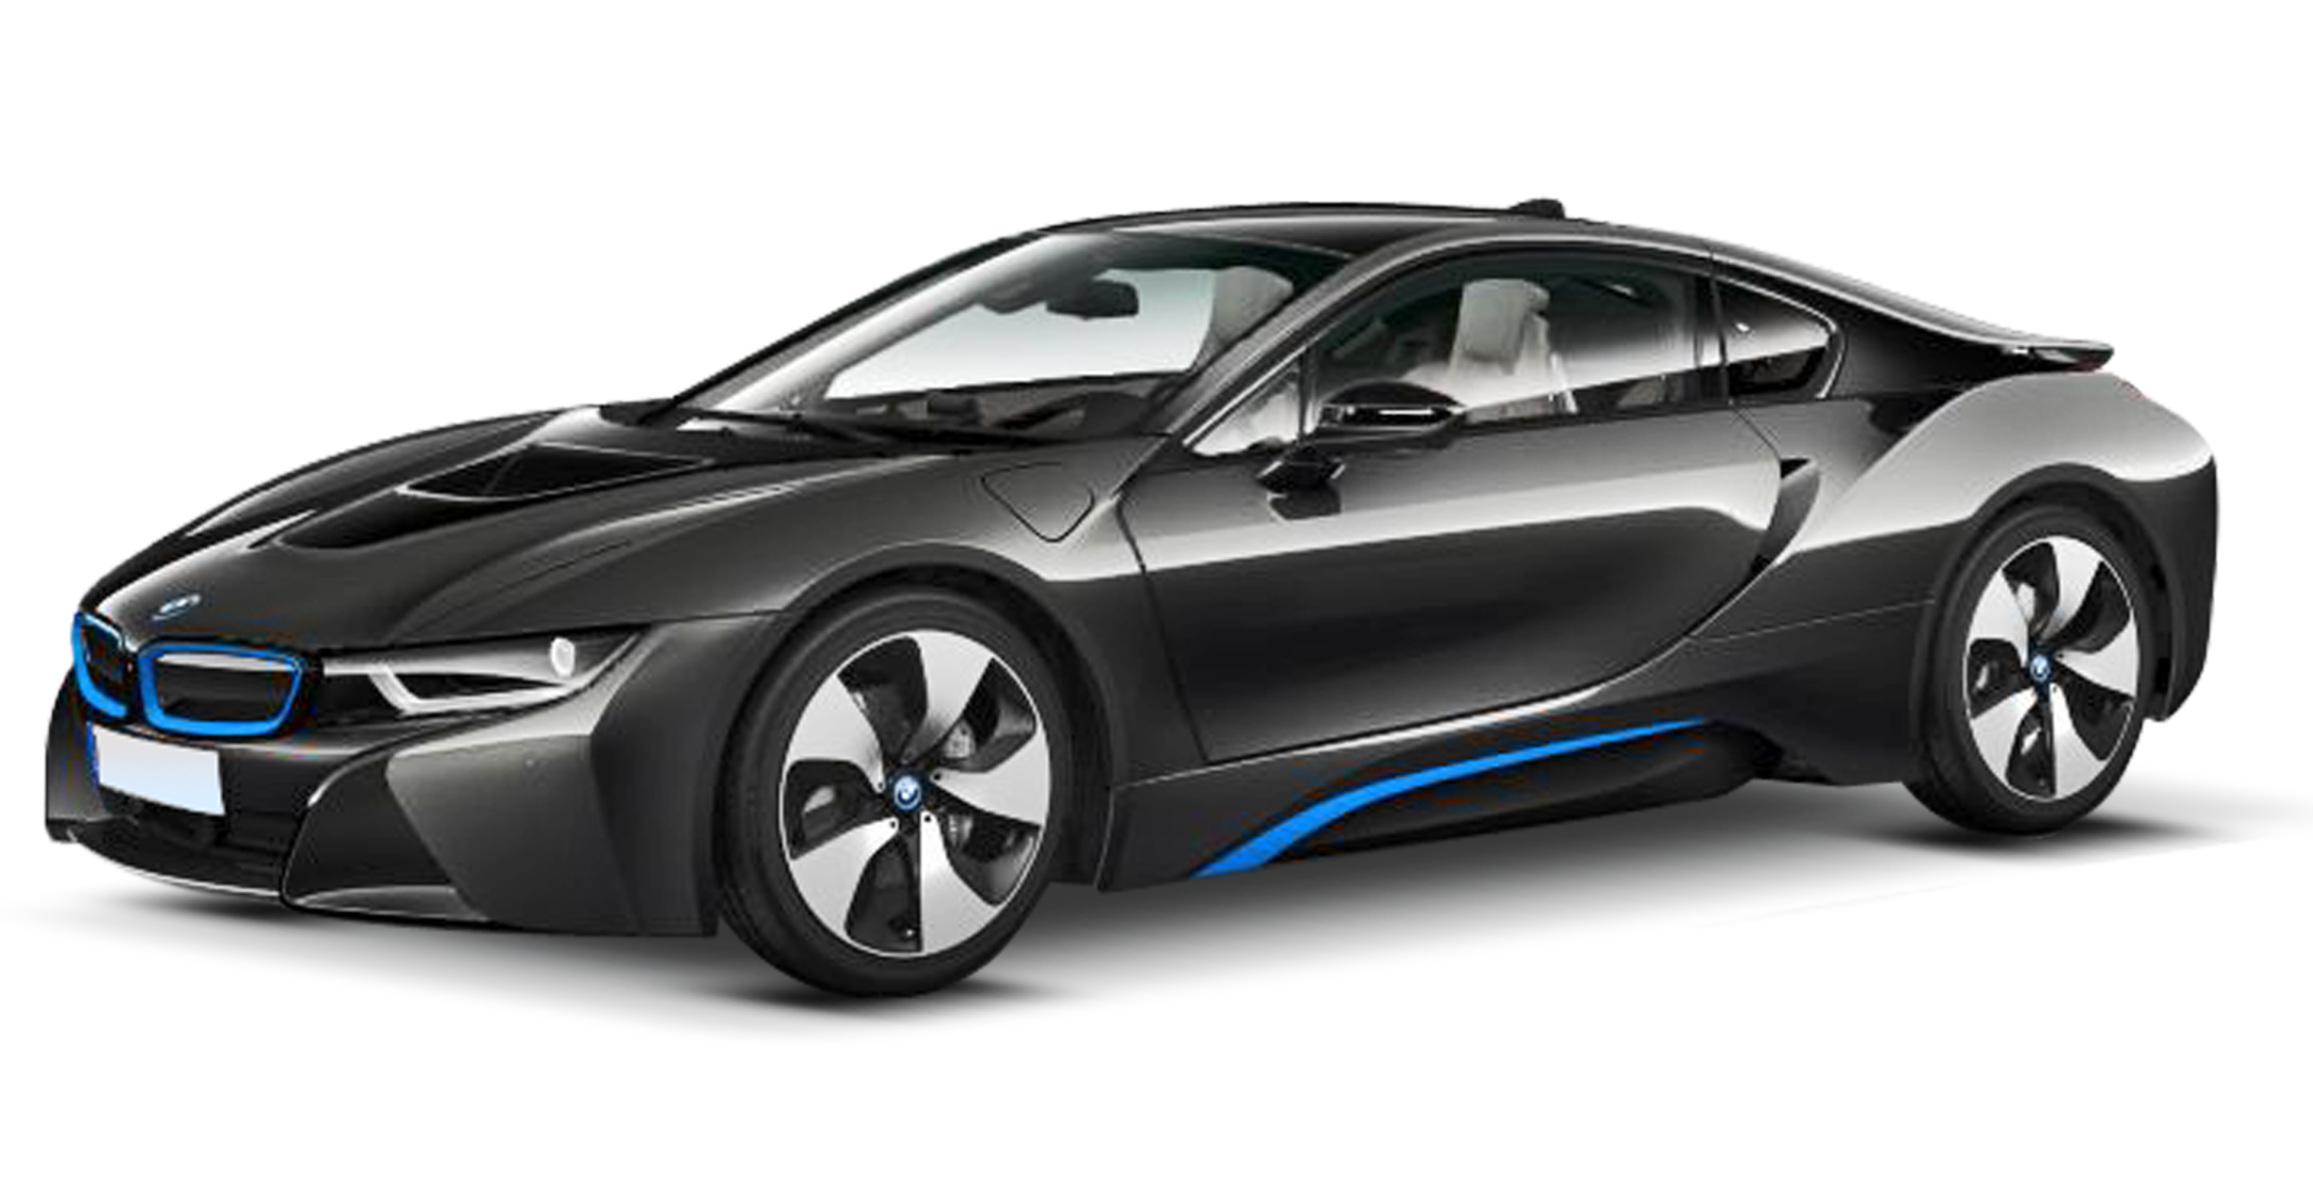 Listino BMW i8 prezzo - scheda tecnica - consumi - foto ...